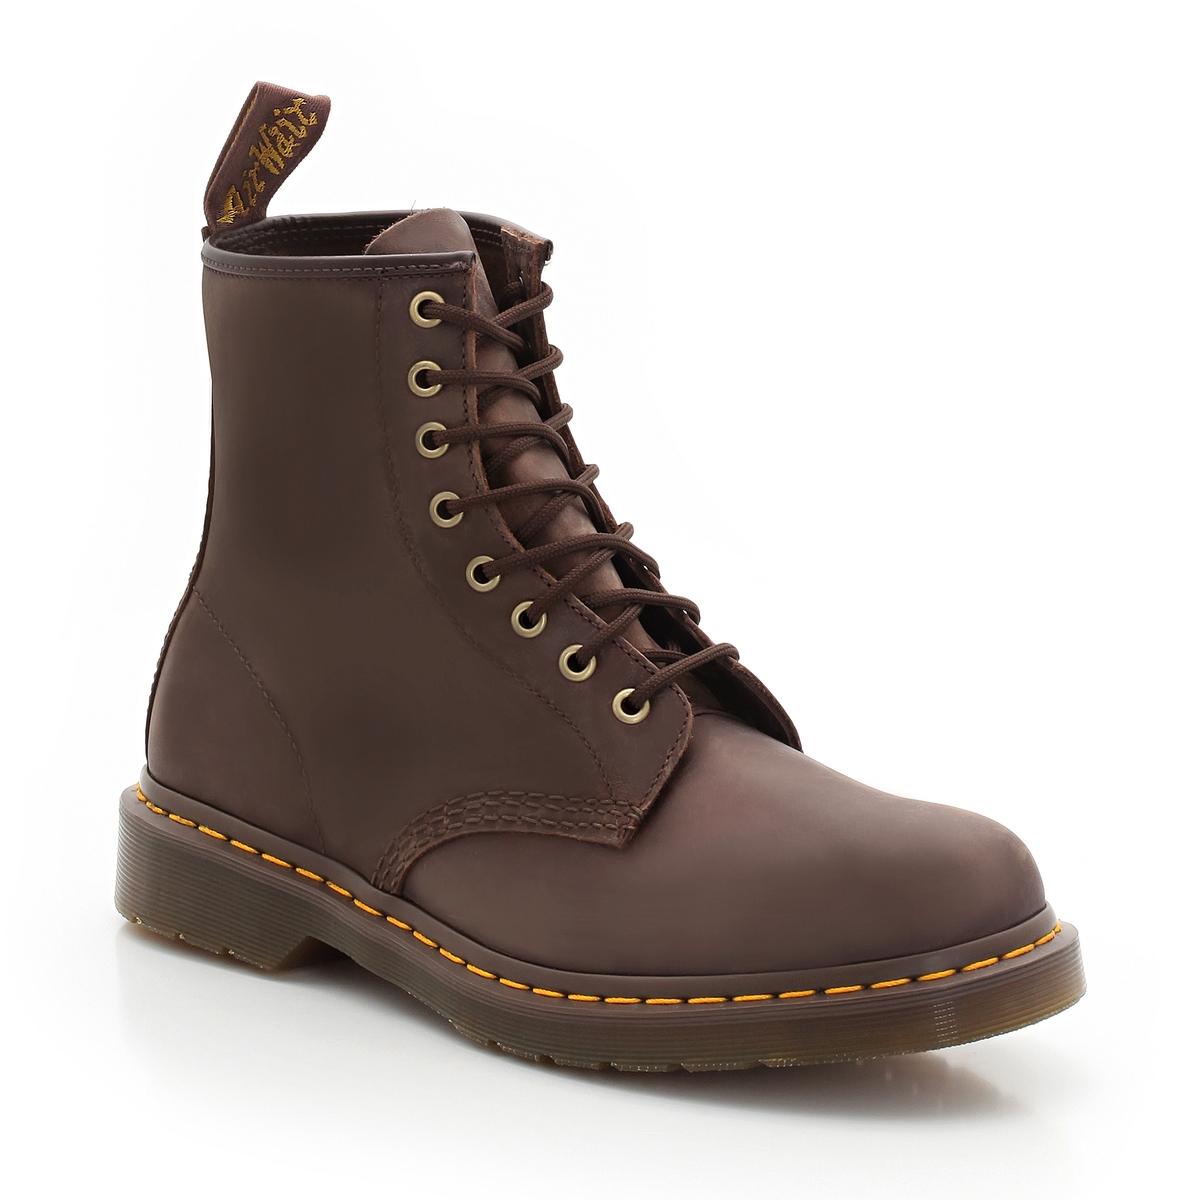 Ботинки La Redoute Кожаные на шнуровке 44 каштановый